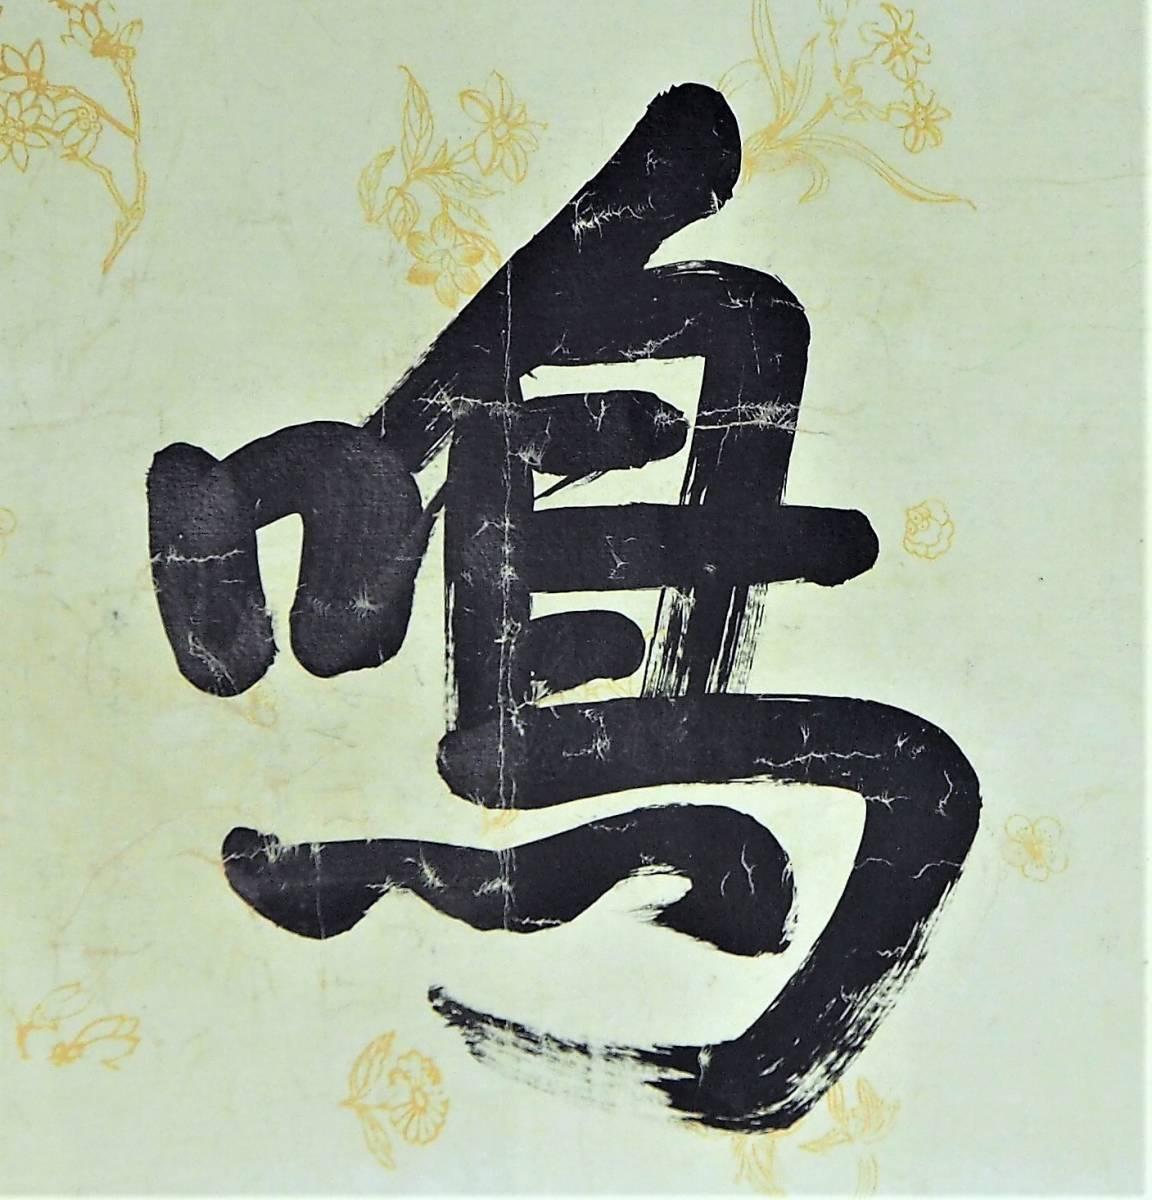 【名家蔵出】中国美術 郭沫若 横一行書『百家争鳴』まくり 書法 肉筆 中国書家 中国文学者 中国政治家_画像6